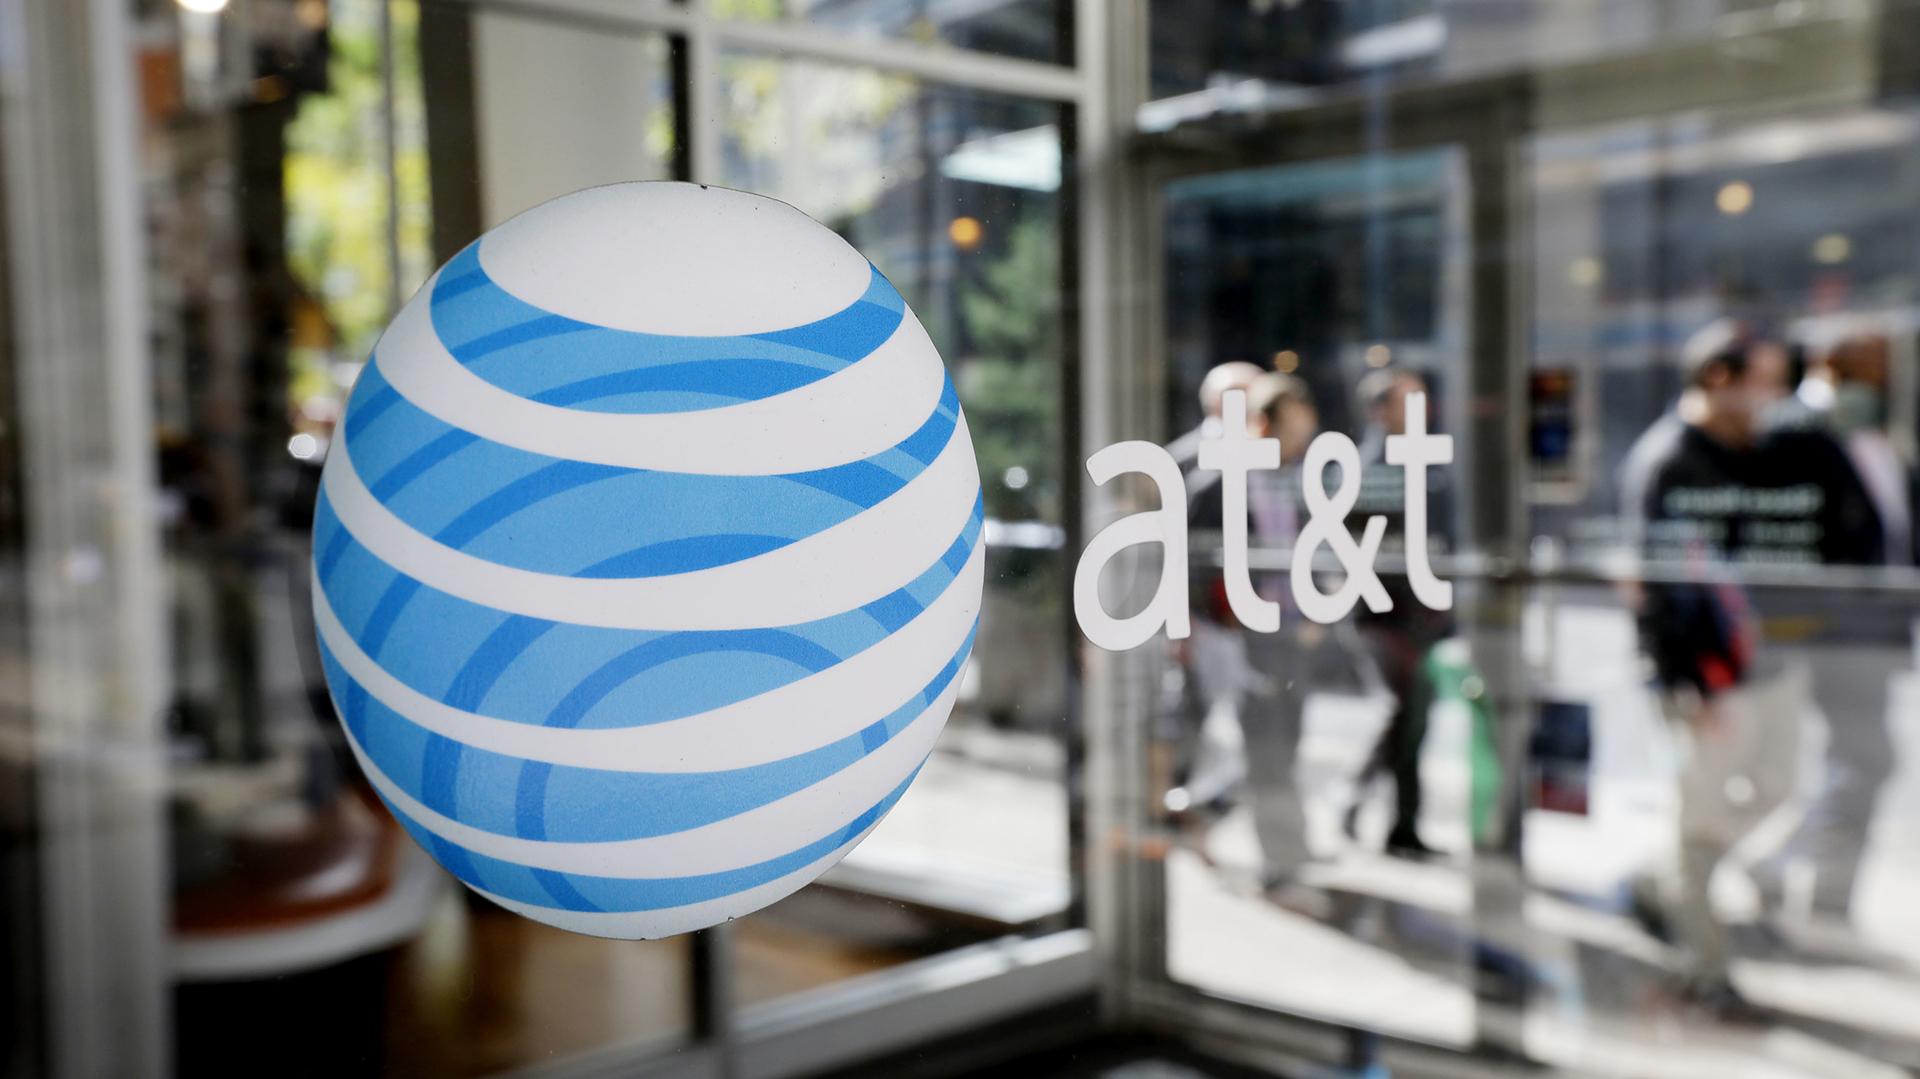 AT&T también aumentó los precios de sus planes argumentado los índices inflacionarios (Foto: AP)